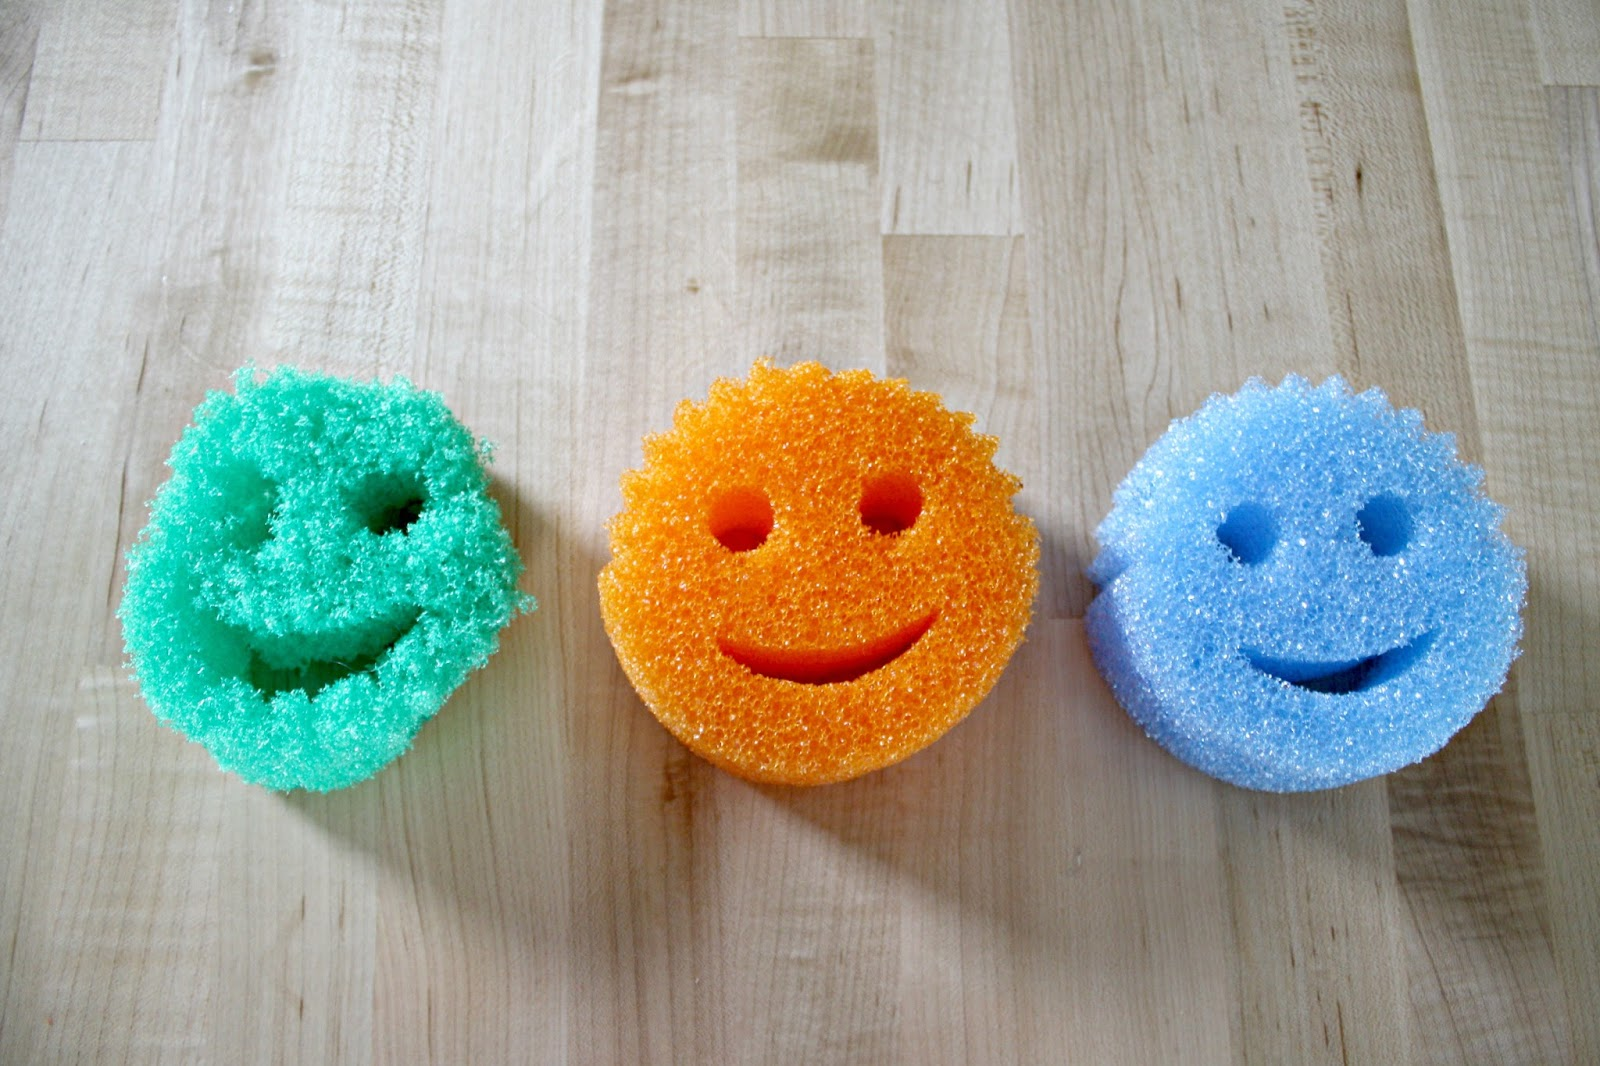 scrub daddy sponges -- the best!